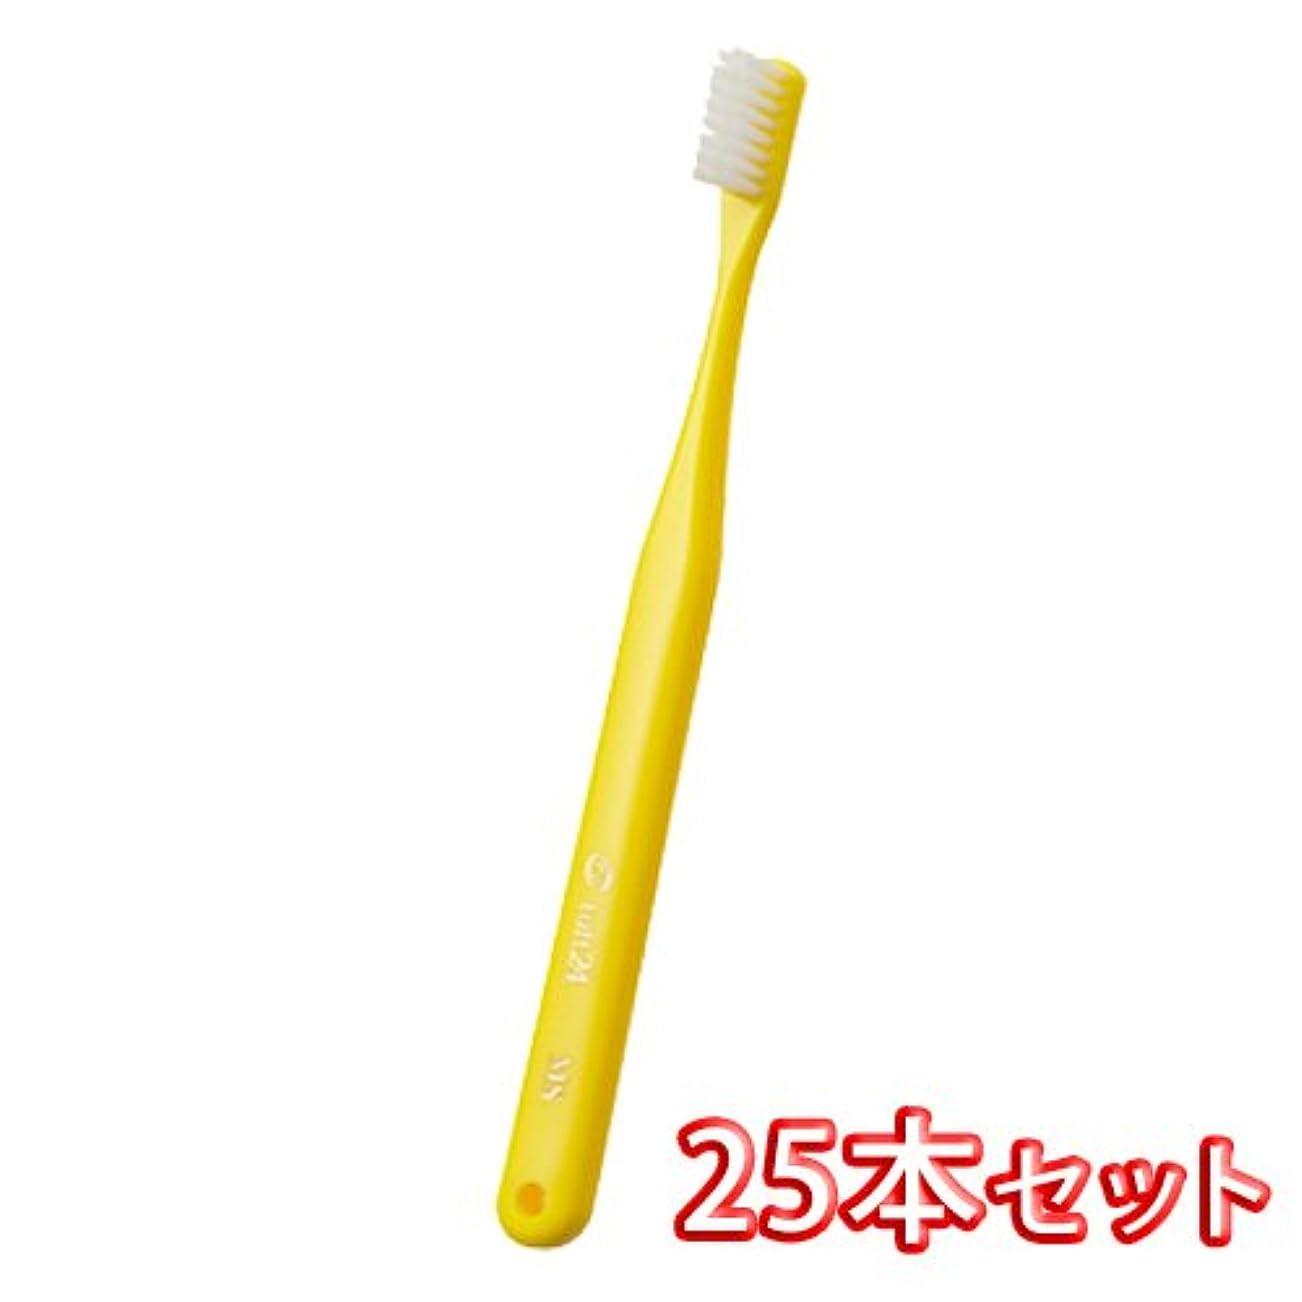 魅了する凶暴な探偵オーラルケア キャップ付き タフト 24 歯ブラシ 25本入 ミディアムハード MH (イエロー)